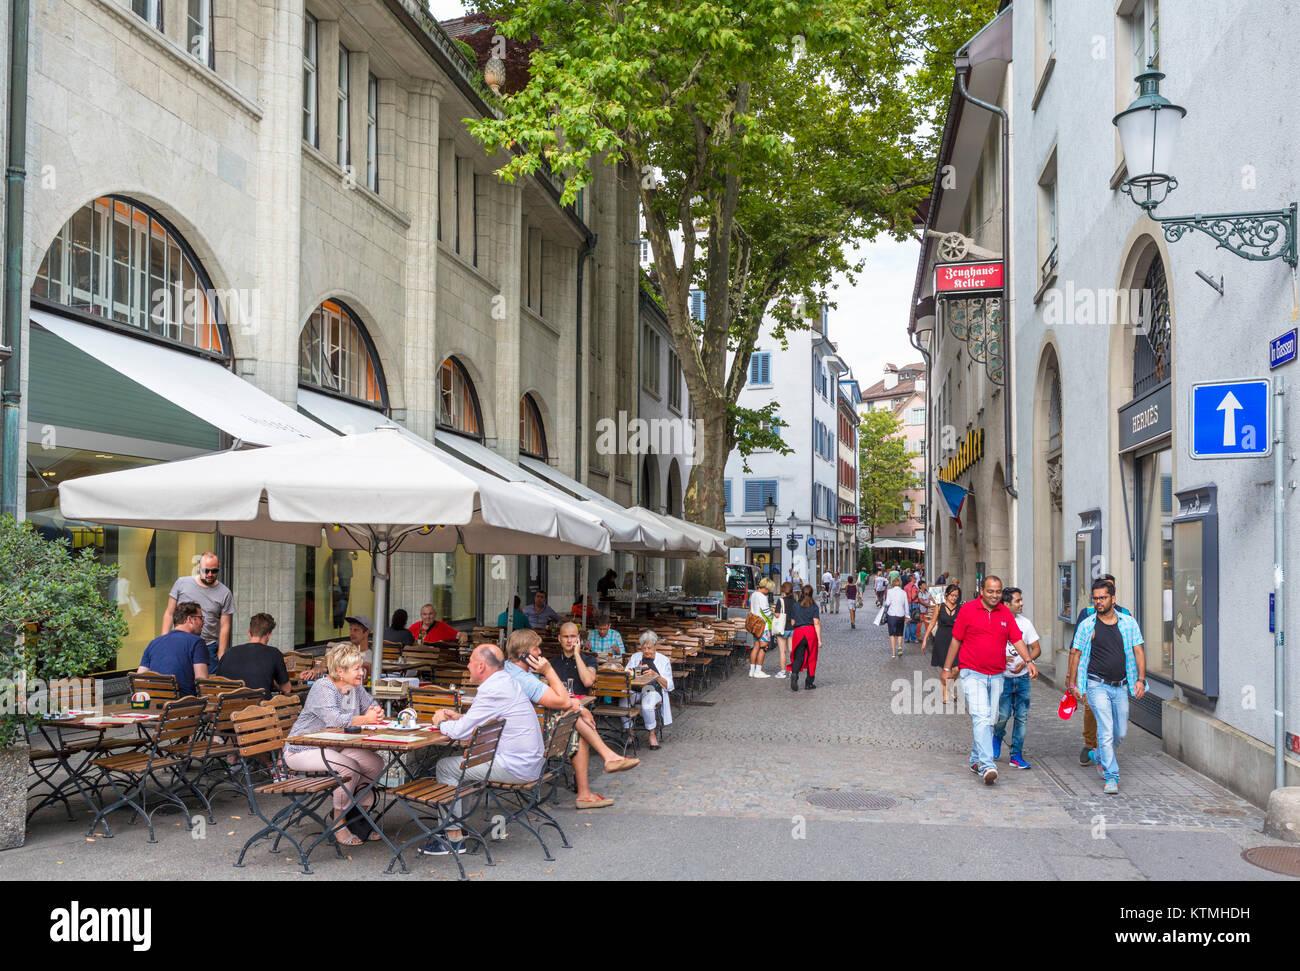 Cafe on In Gassen, Zurich, Switzerland - Stock Image